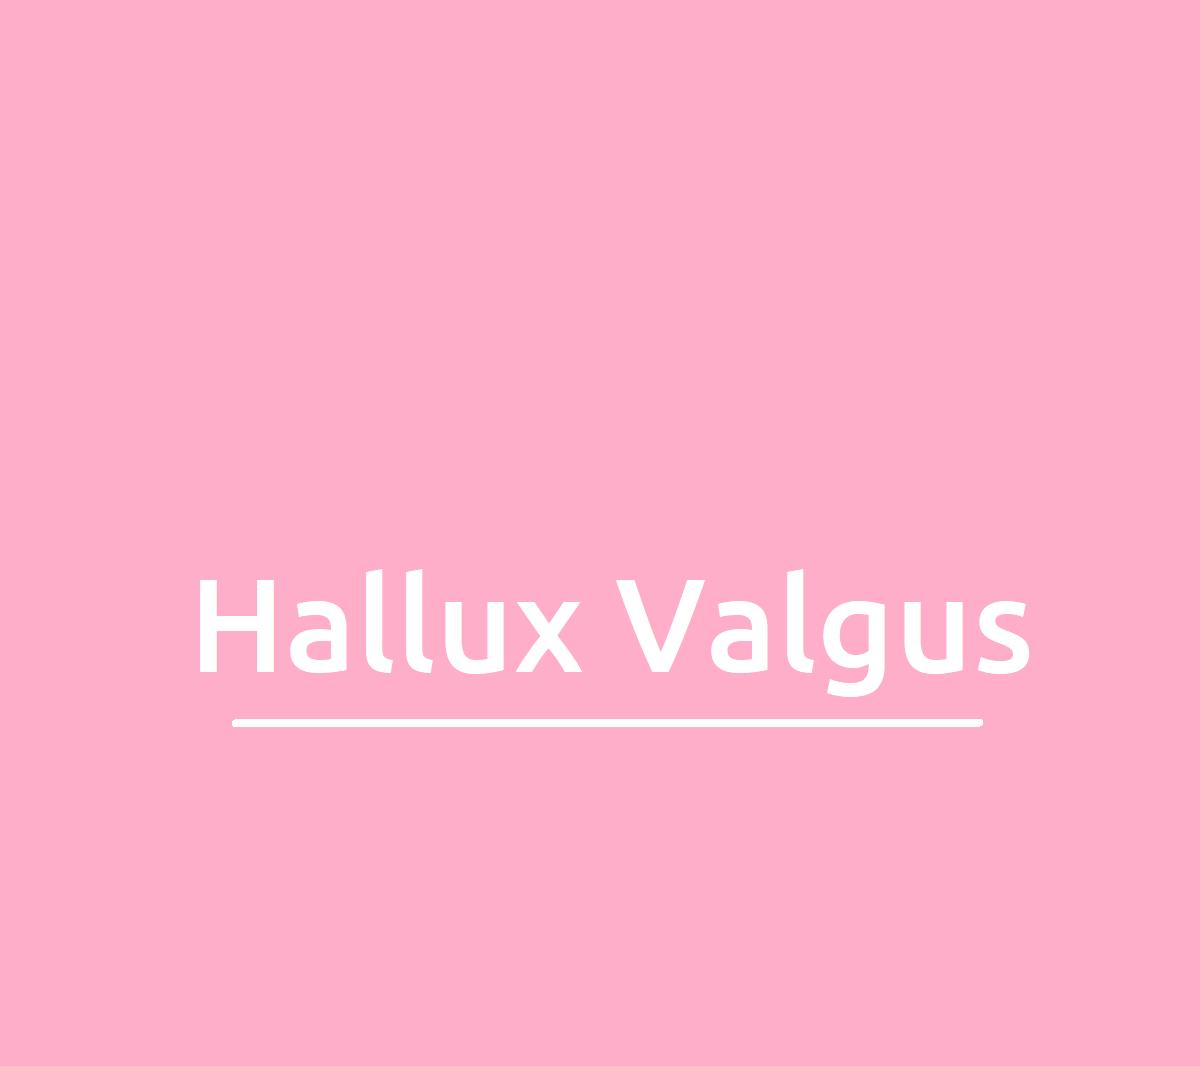 Hallux_Valgus_ursachen_symptome_behandlung